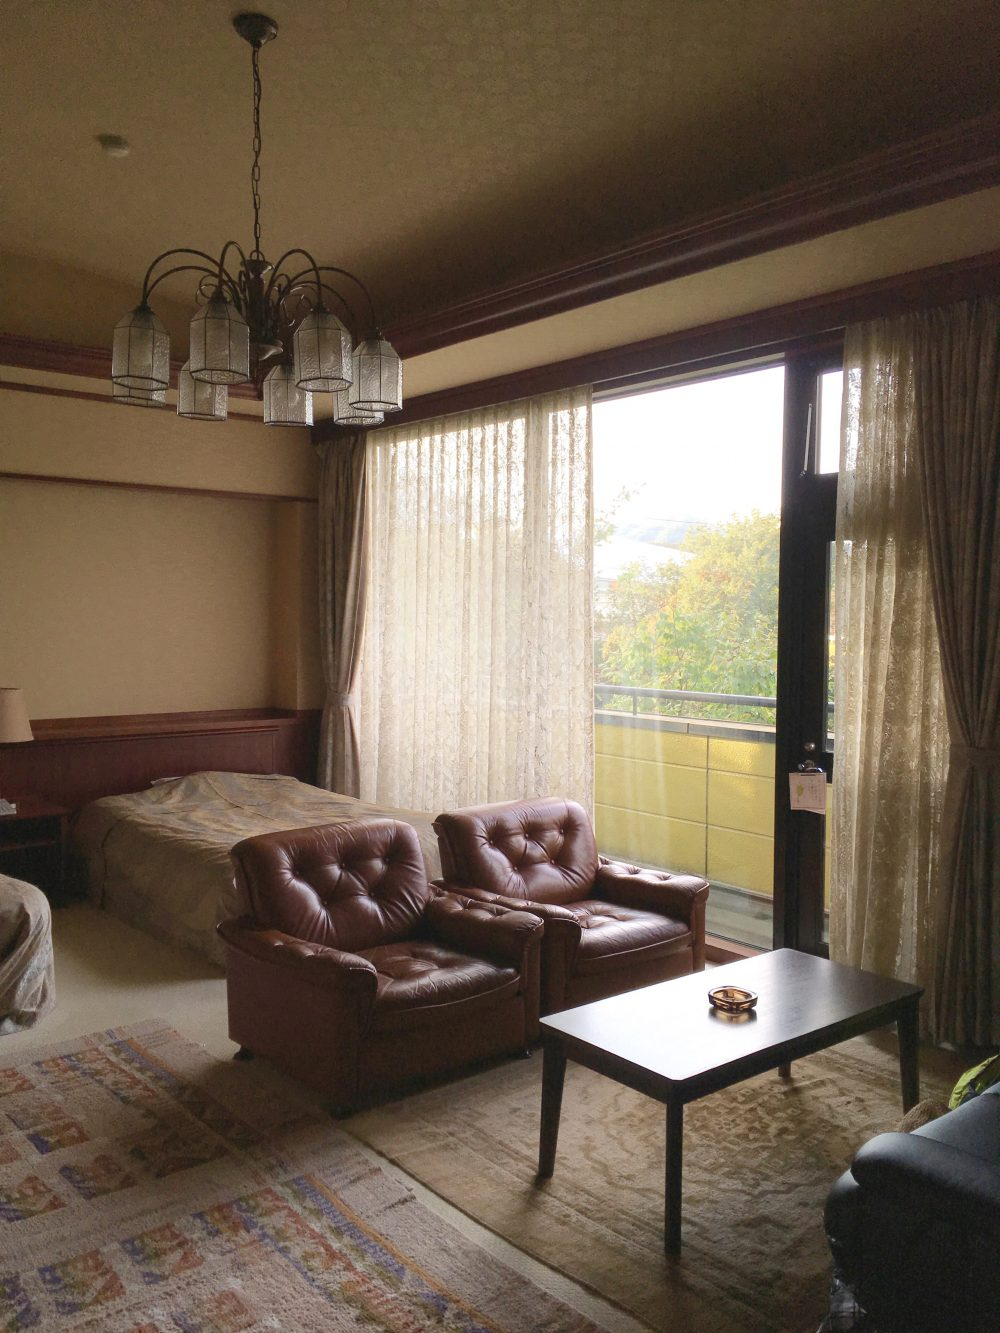 旅館の部屋